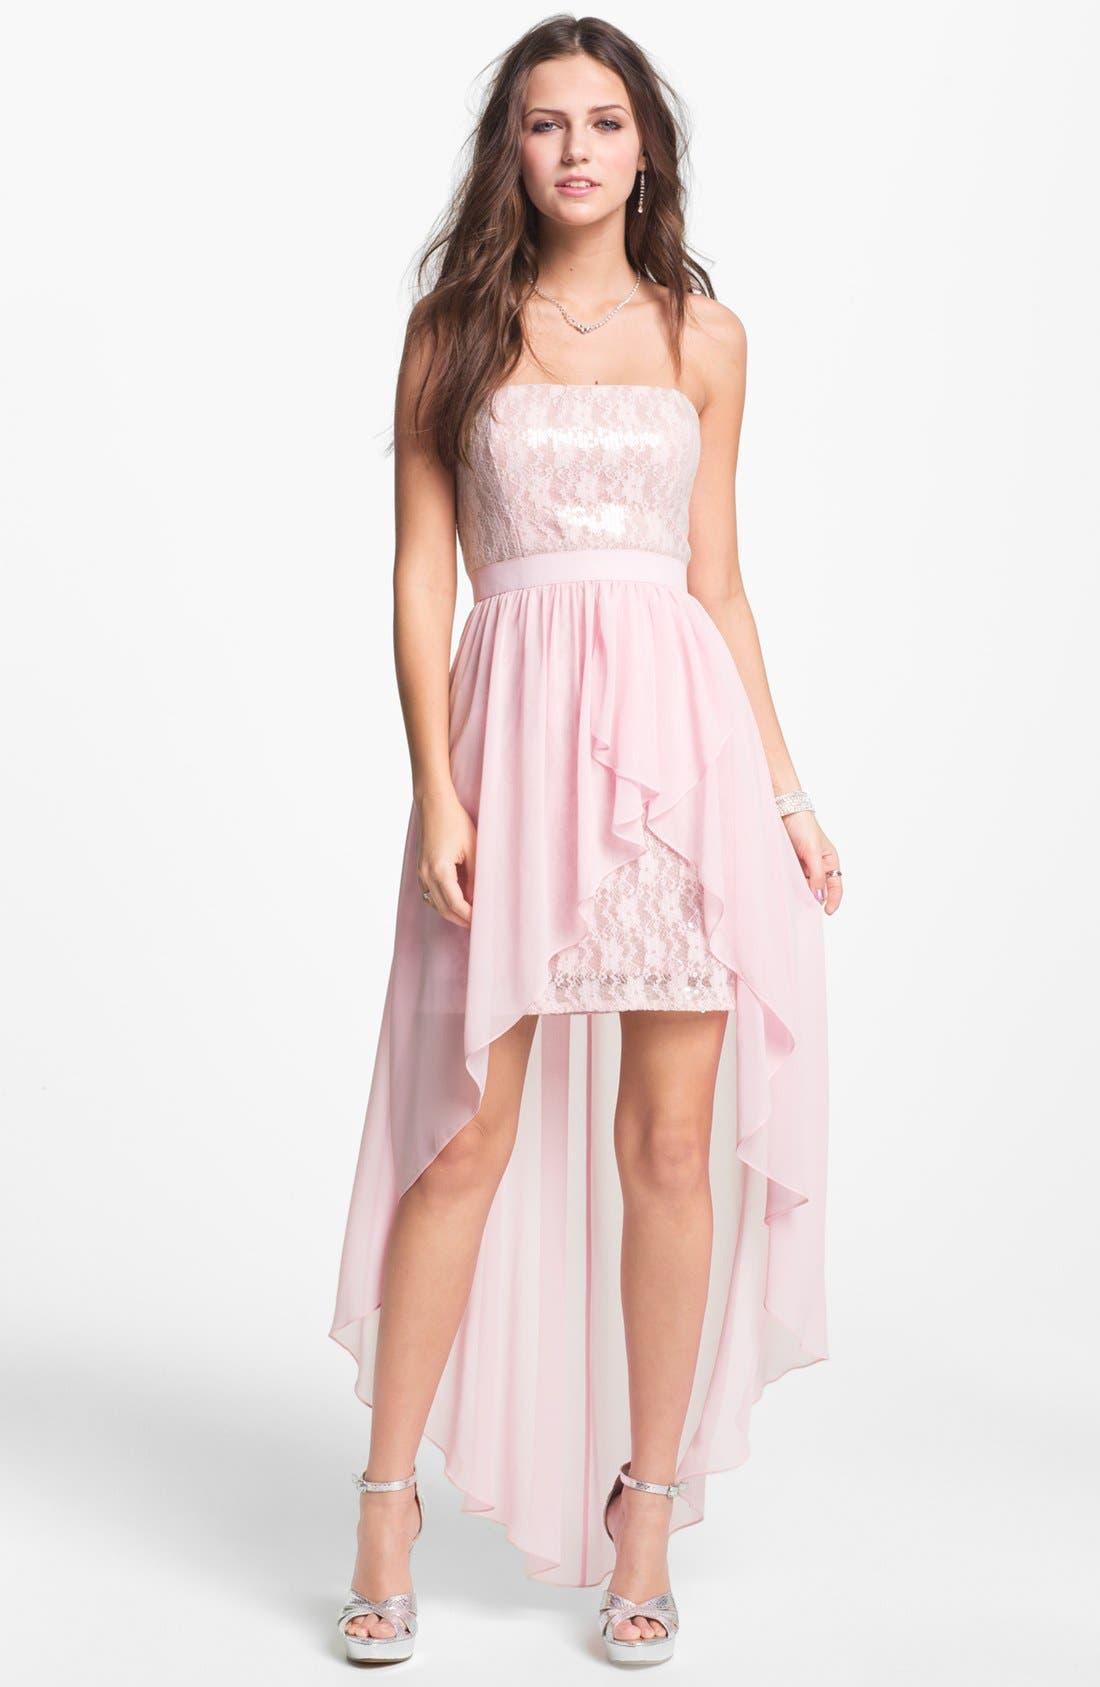 Alternate Image 1 Selected - Aidan Mattox Embellished Lace & Chiffon High/Low Dress